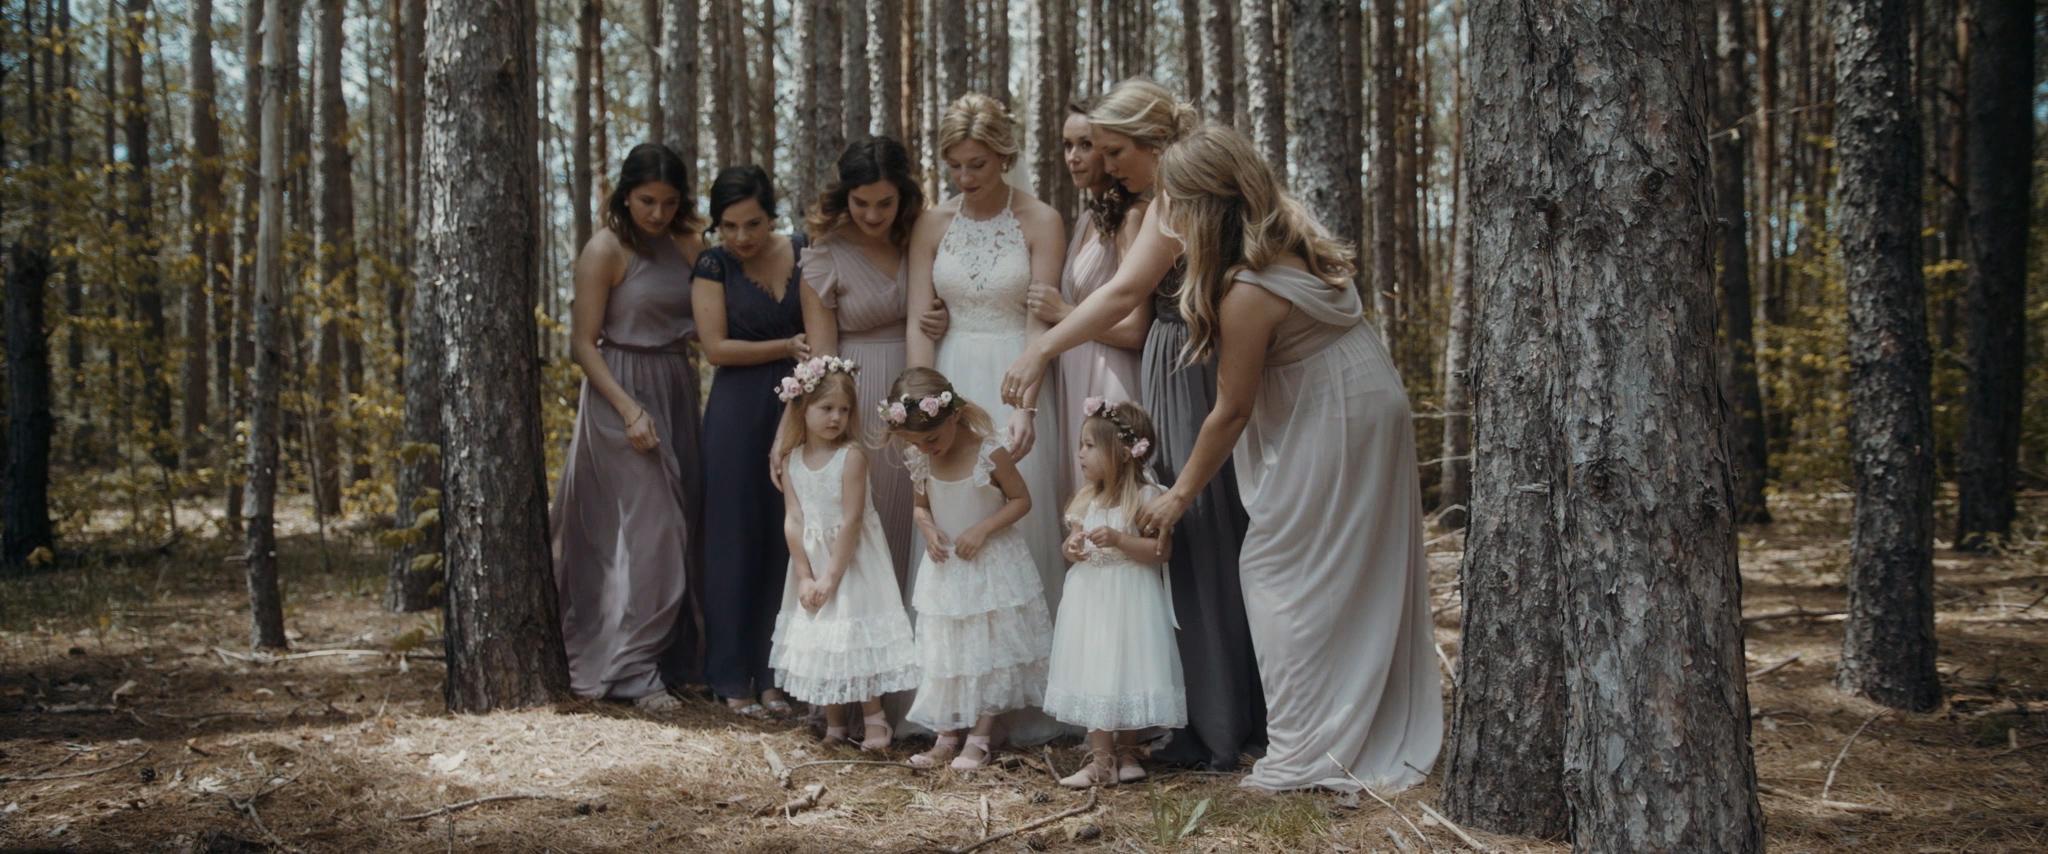 HAVENS_Wedding_Film.00_02_22_06.Still029.jpg